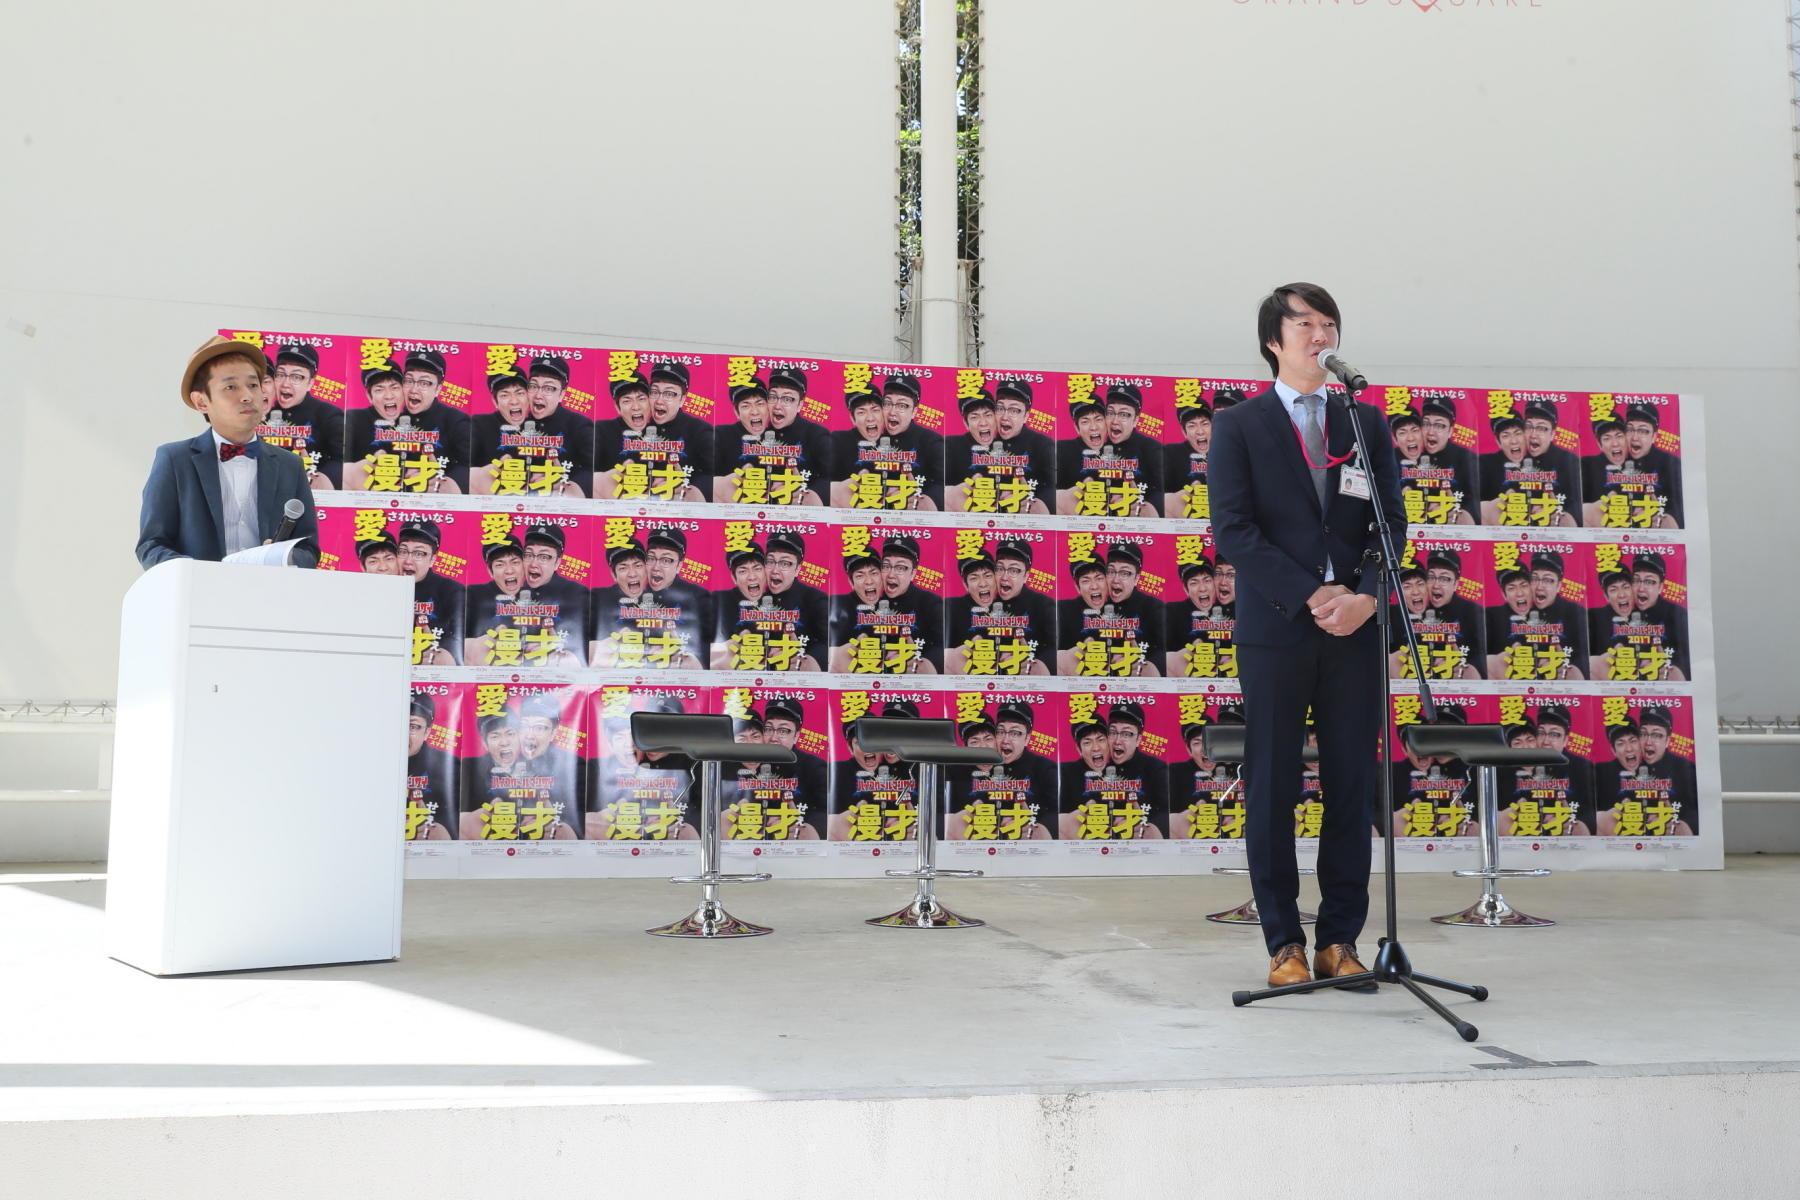 http://news.yoshimoto.co.jp/20170413154310-346fab202bd36a85696235204e52f304efd6cd61.jpg